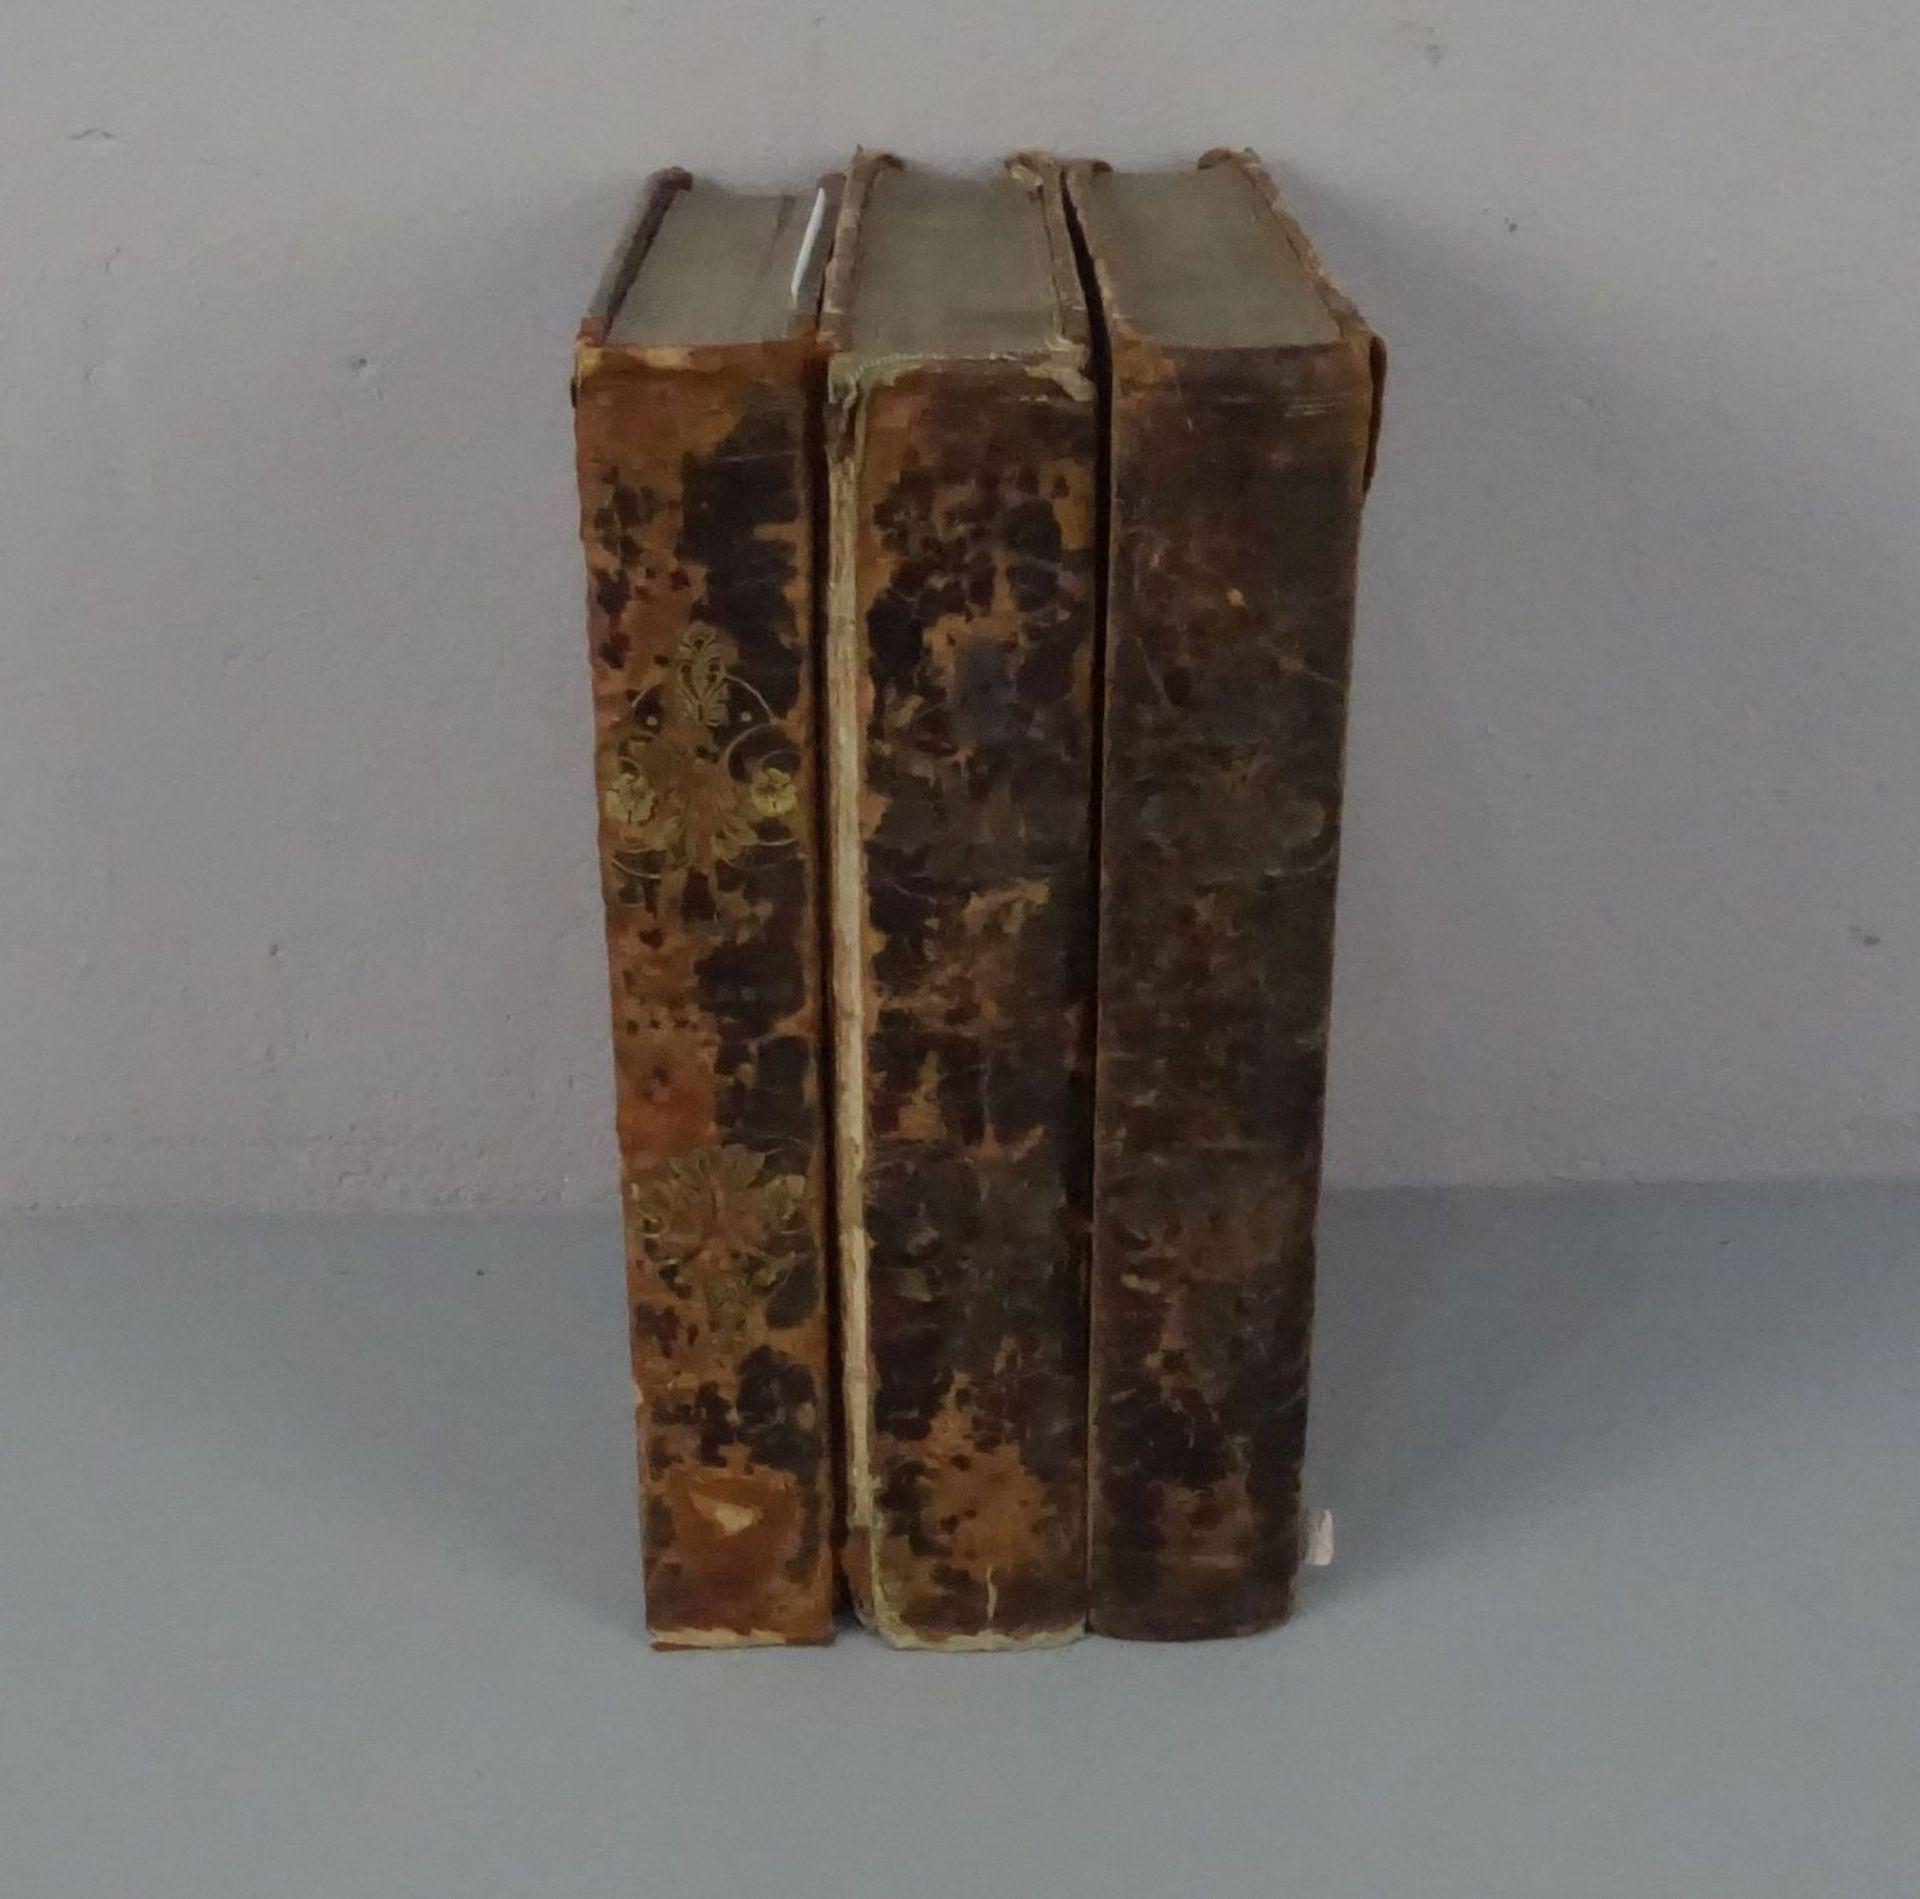 KONVOLUT BÜCHER VON 1842-1844: Der neue Plutarch (Bd. 1-3) - Image 2 of 4